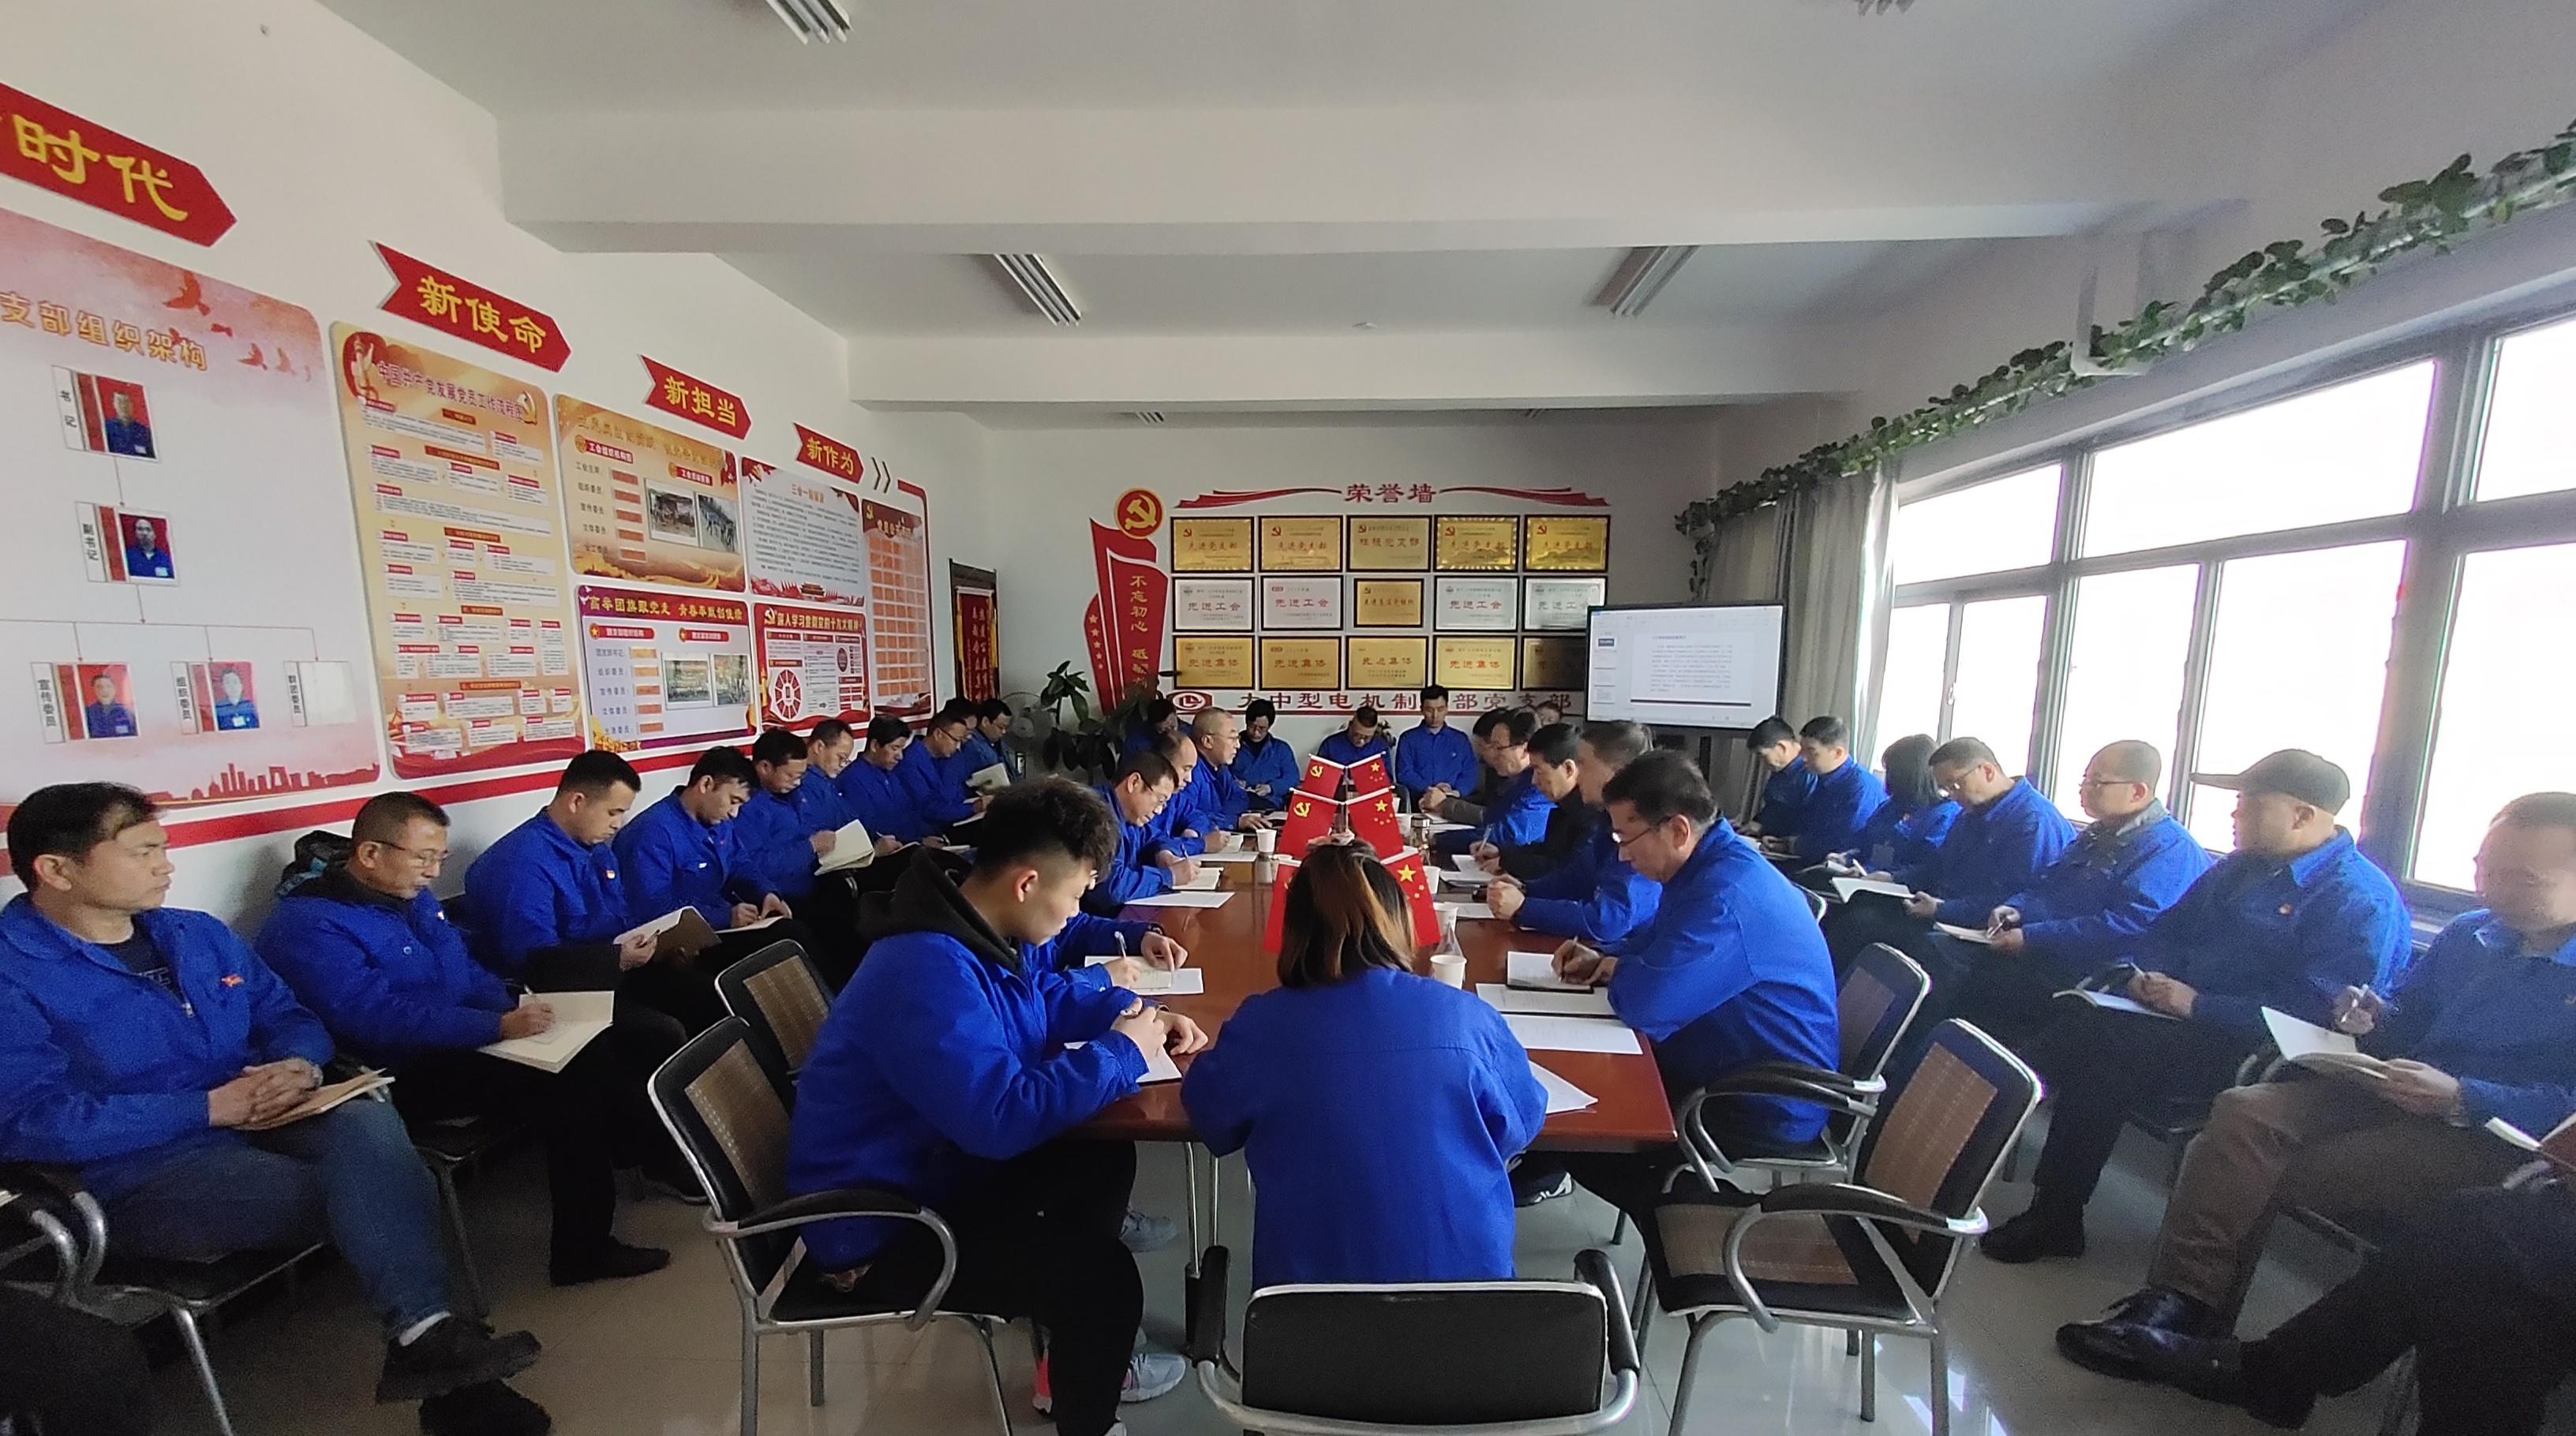 甘肃电气集团党委委员、副总经理李冬晖参加公司基层党支部主题党日活动